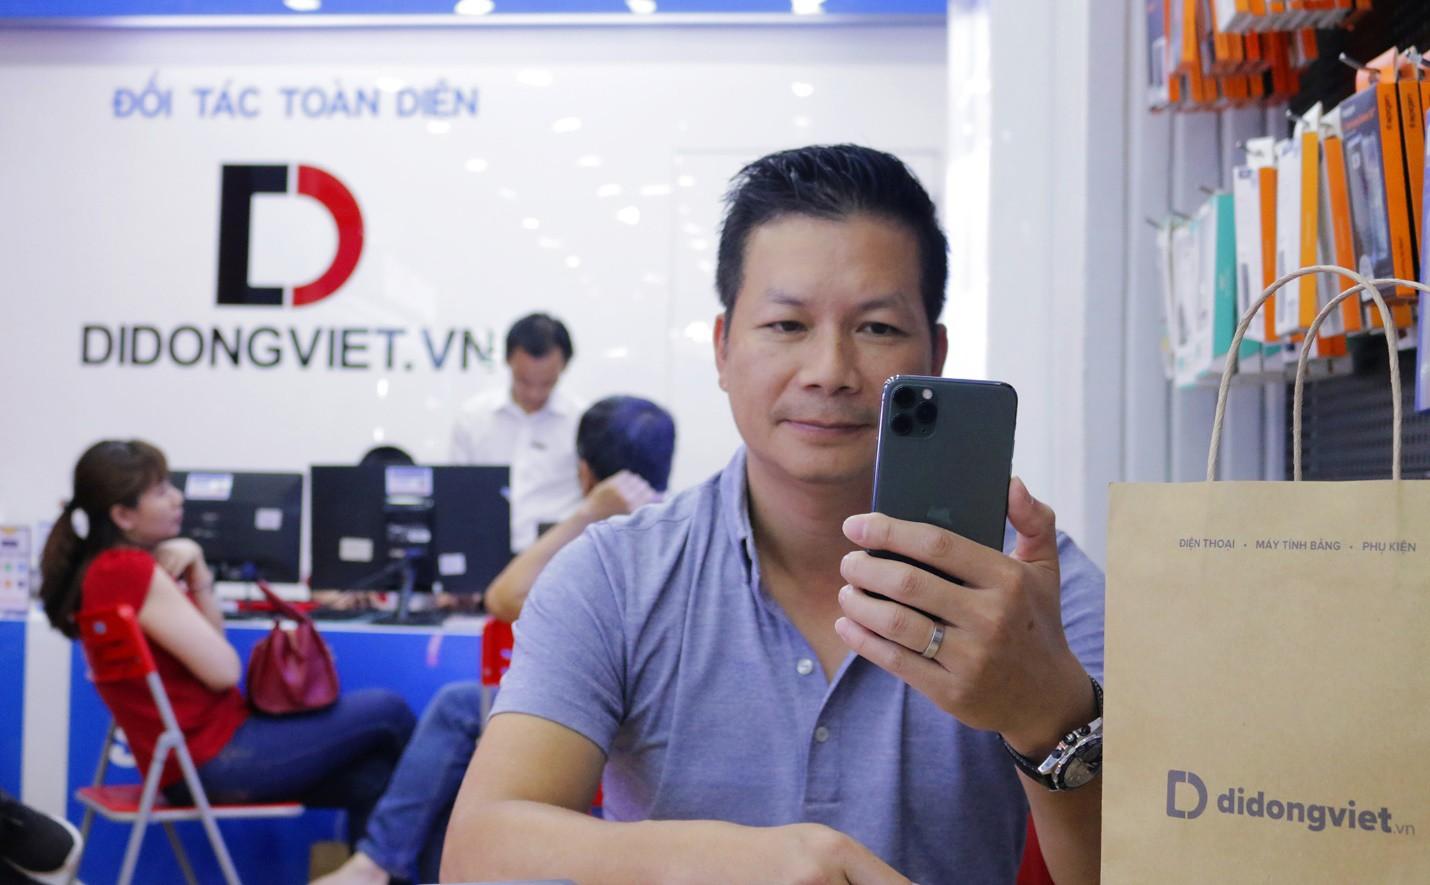 iPhone 11, 11 Pro, 11 Pro Max VN/A giảm đến 3 triệu đồng tại Di Động Việt trong 3 ngày mở bán - Ảnh 4.